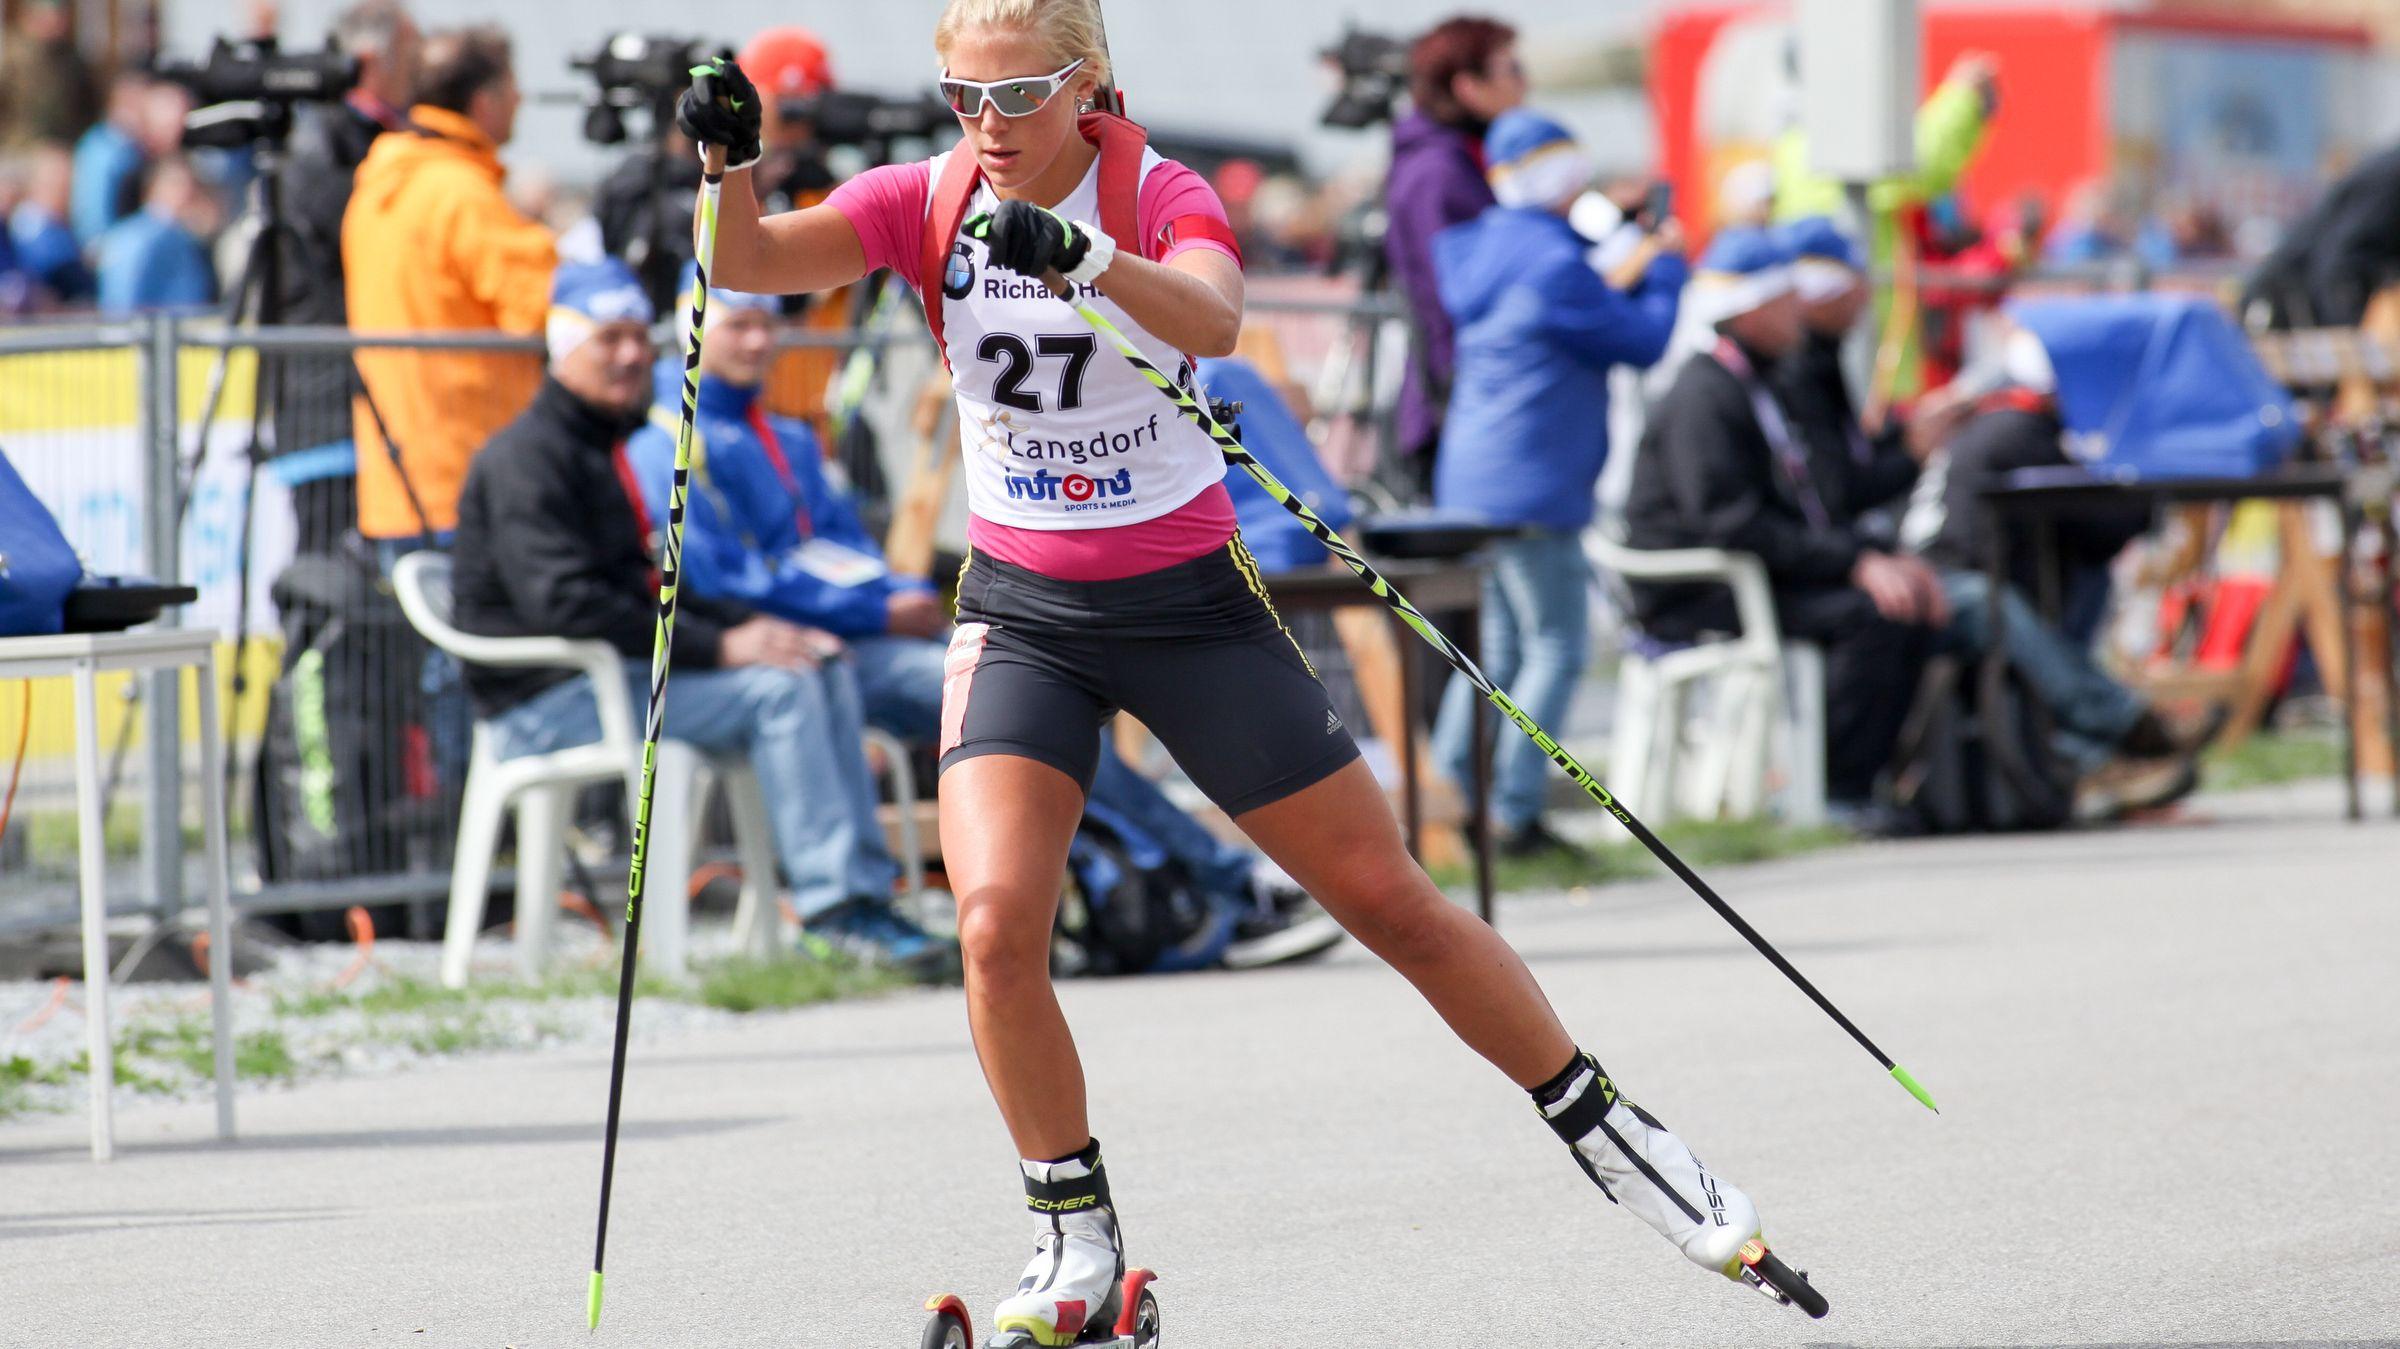 Deutsche Biathlon Meisterschaft 2015: Karolin Horchler beim Sprinten